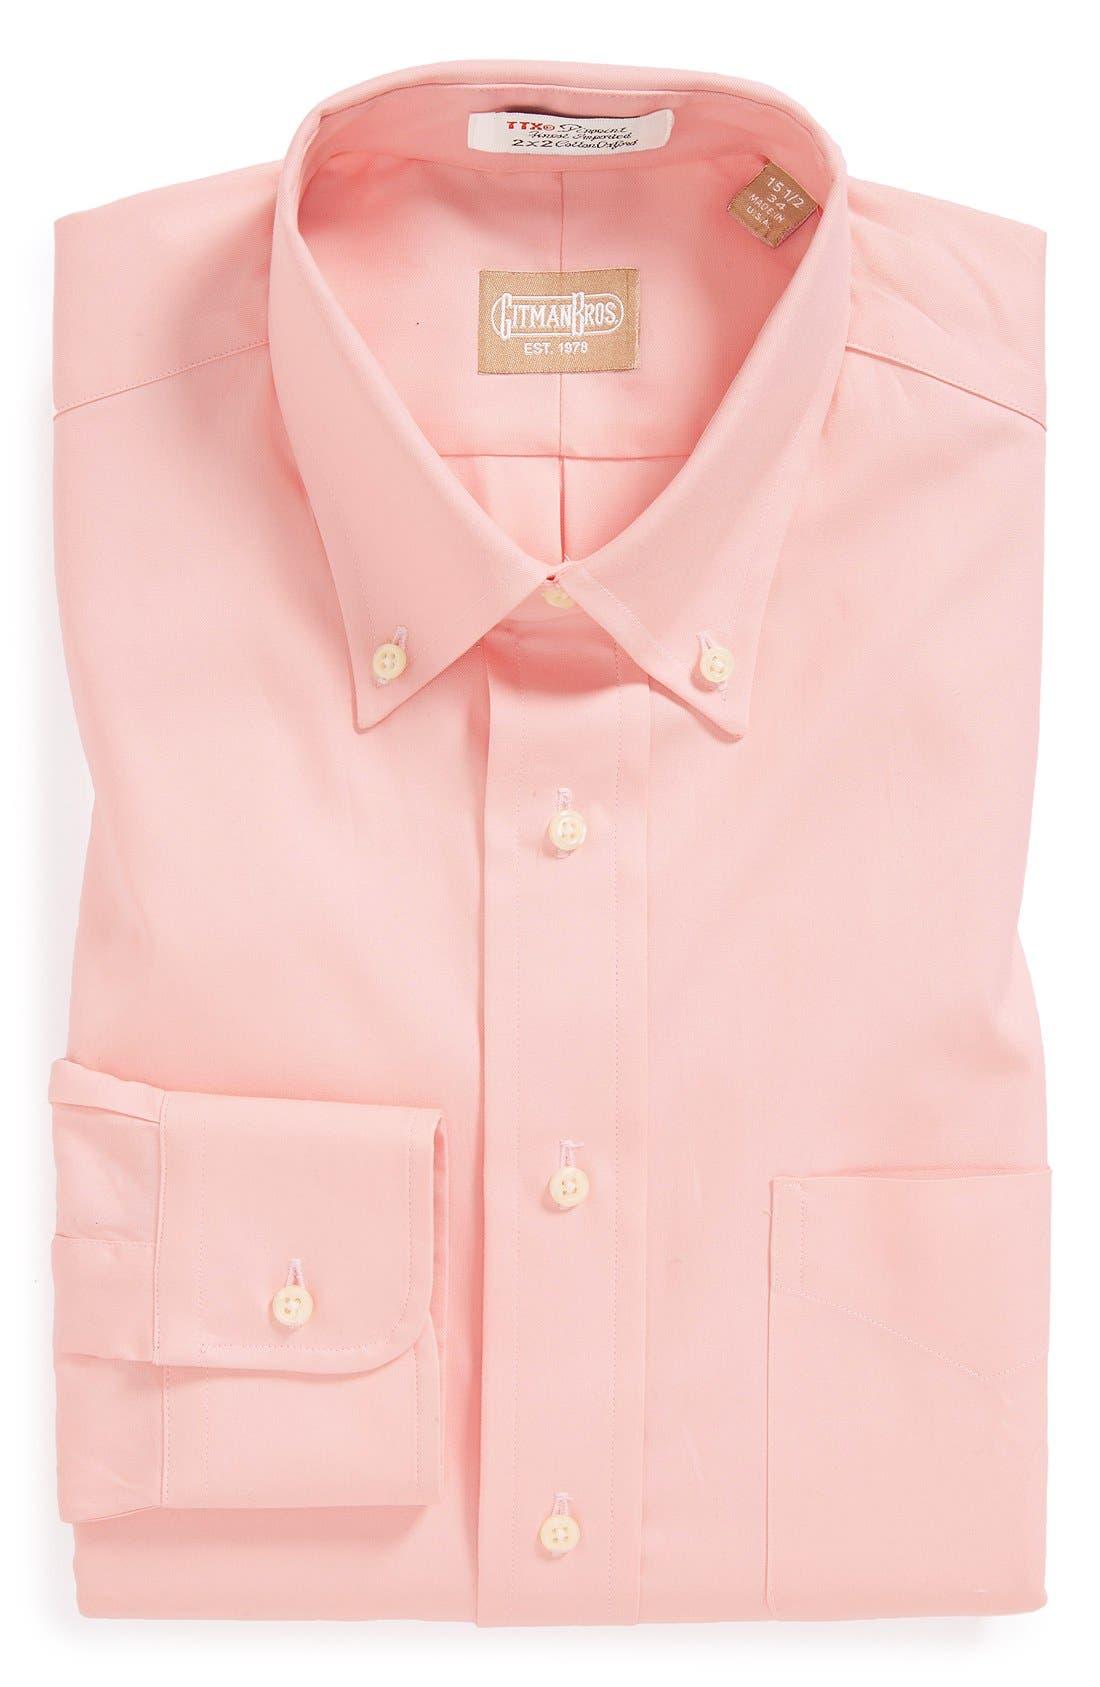 Gitman Regular Fit Pinpoint Cotton Oxford Button Down Dress Shirt